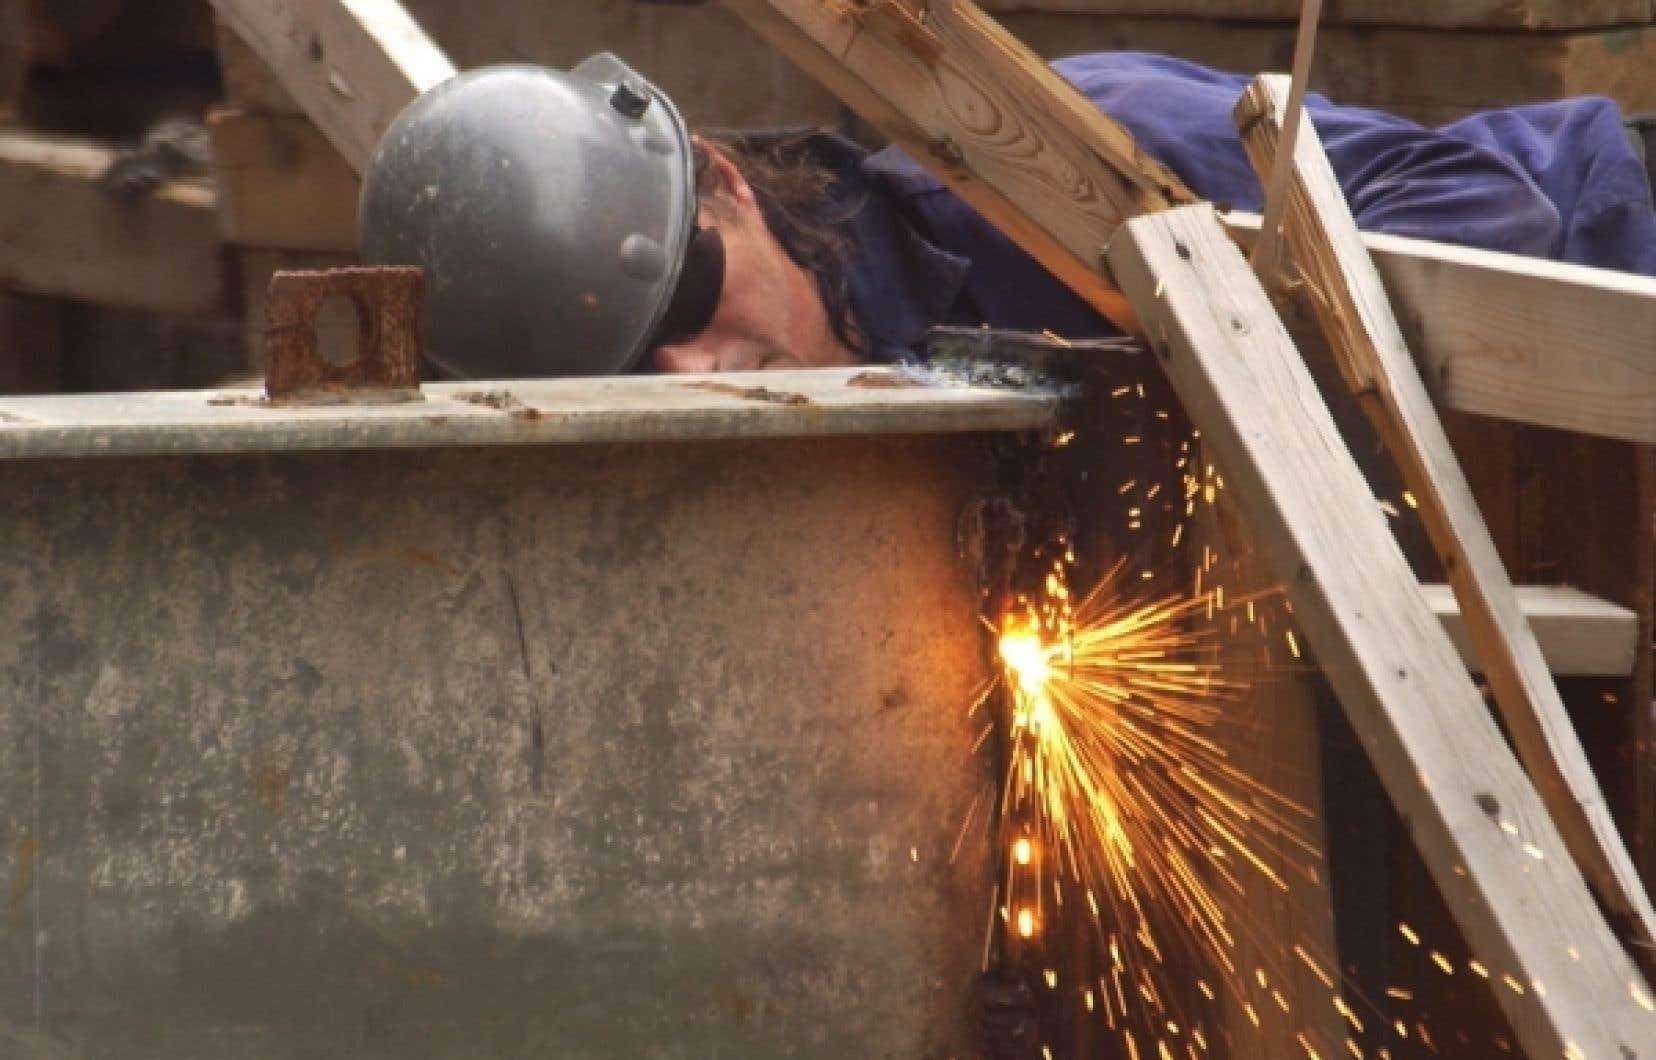 Dans un reportage diffusé mardi par Radio-Canada, un inspecteur de la Sûreté du Québec chargé de l'escouade Marteau, mandatée par le gouvernement pour enquêter sur le milieu de la construction, a confirmé l'existence de liens entre la mafia montréalaise et le milieu de la construction.